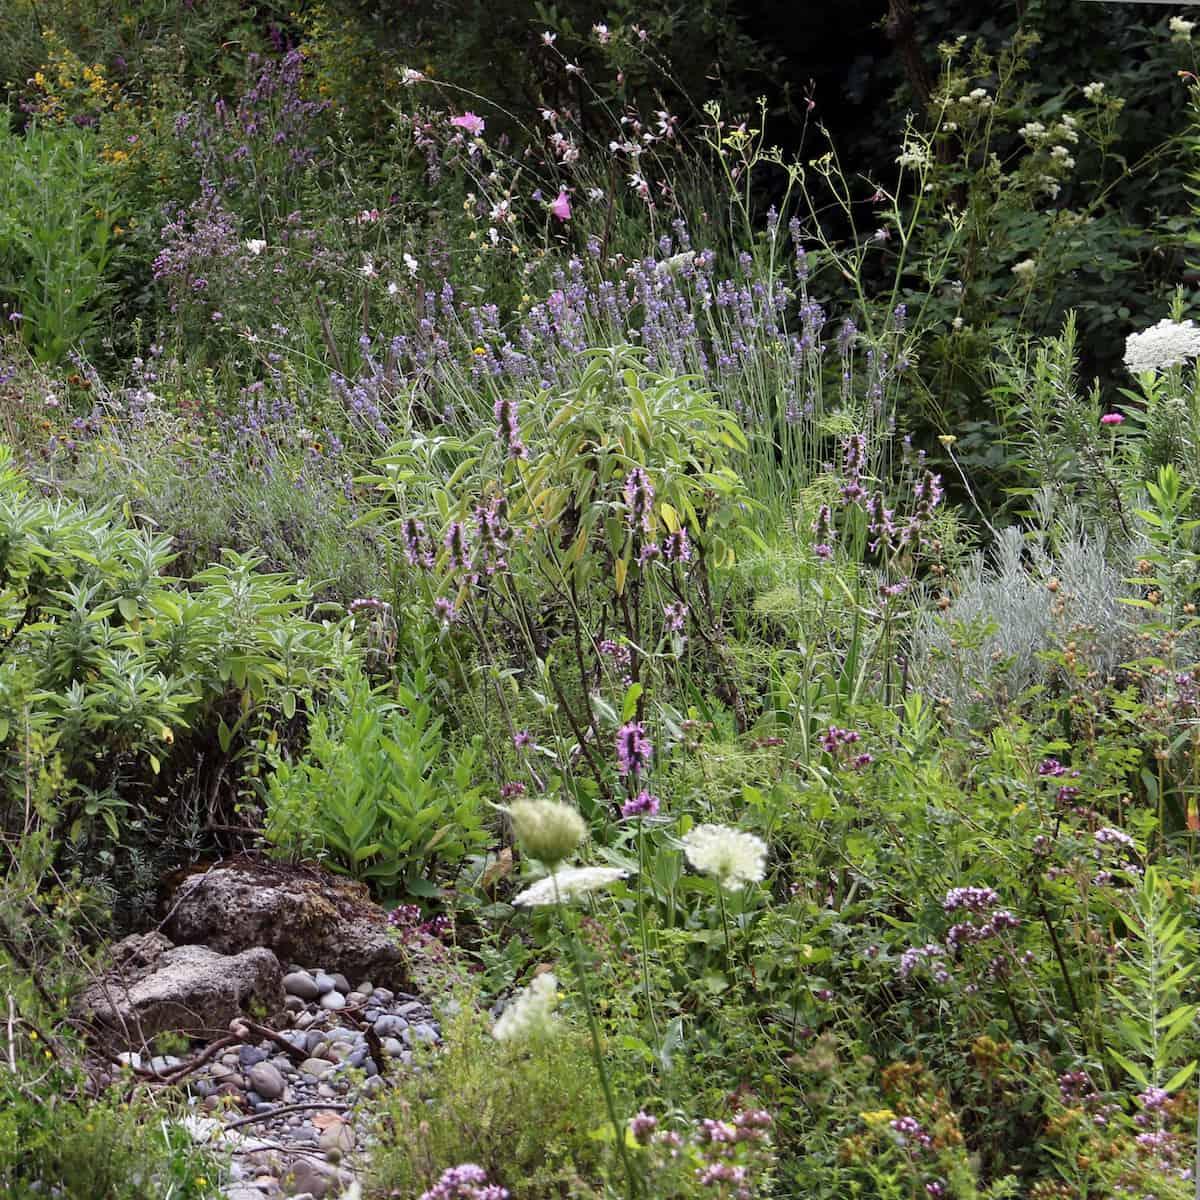 Naturgarten im Juli